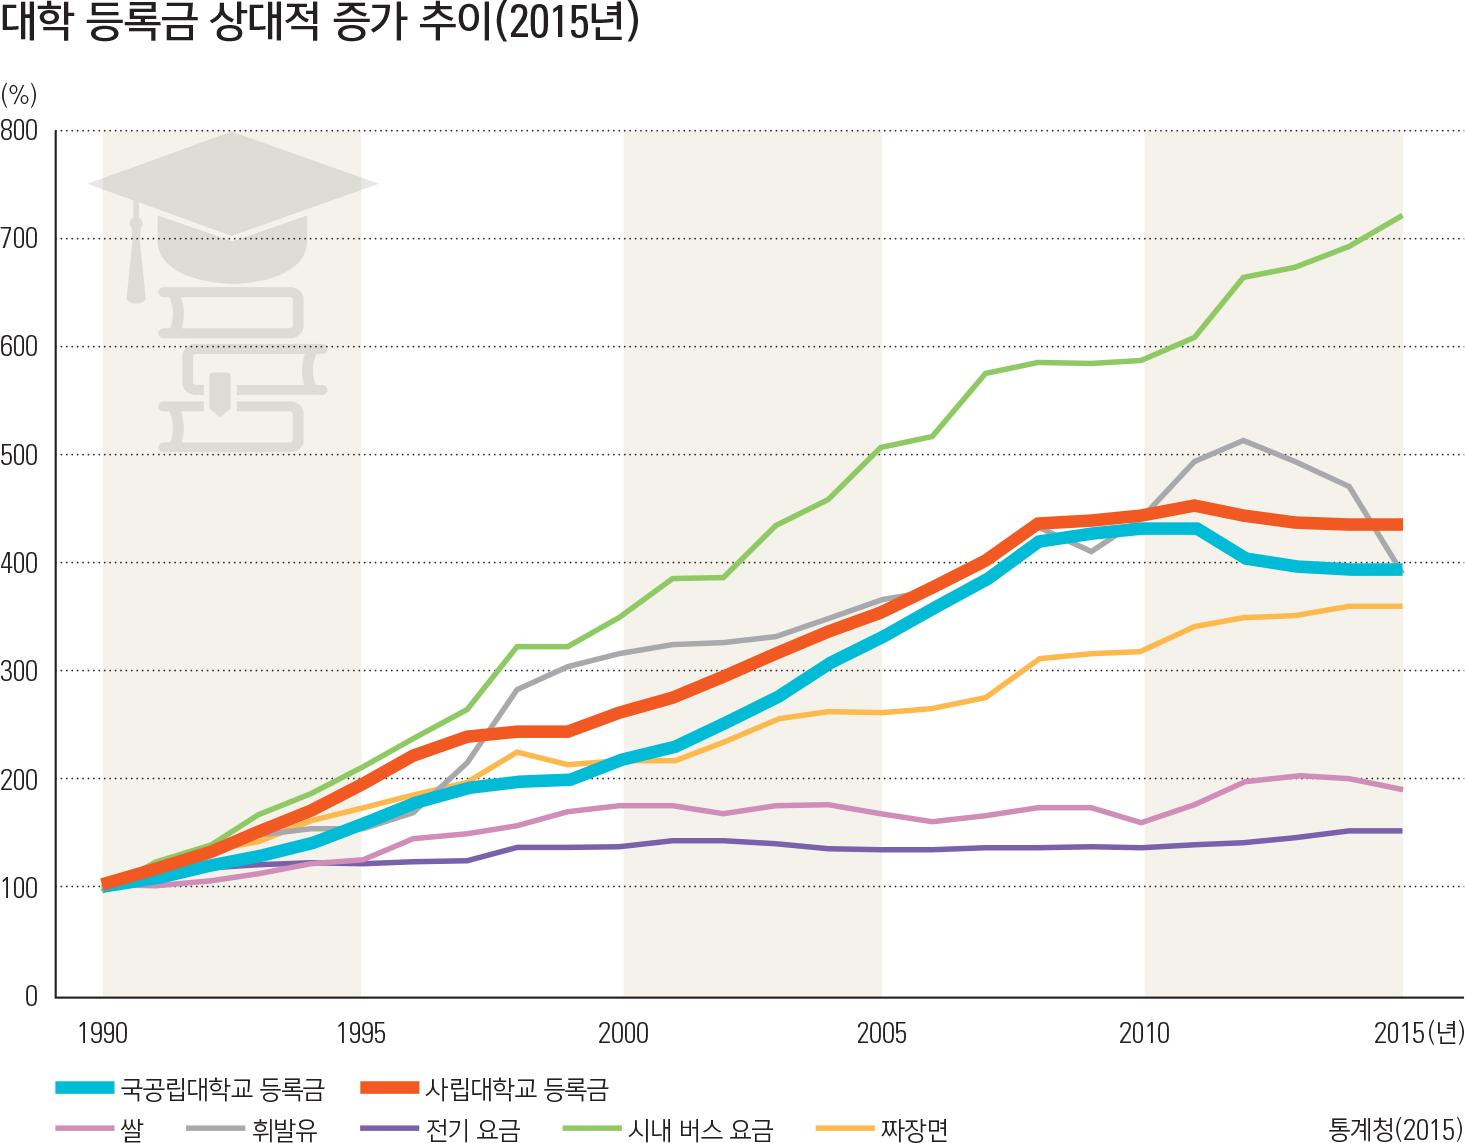 대학 등록금 상대적 증가 추이(2015년)